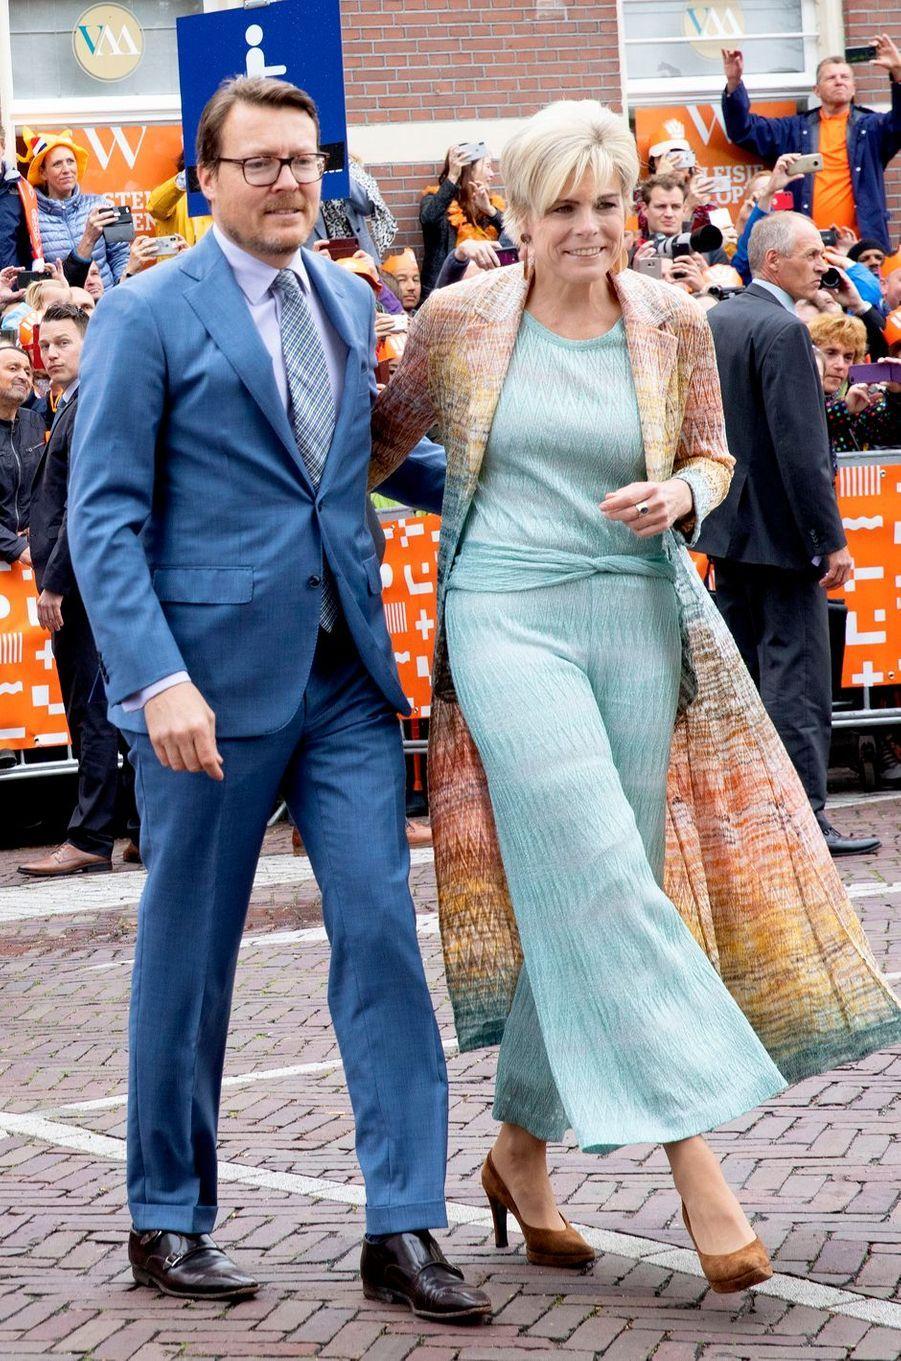 La princesse Laurentien et le prince Constantijn des Pays-Bas à Amersfoort, le 27 avril 2019